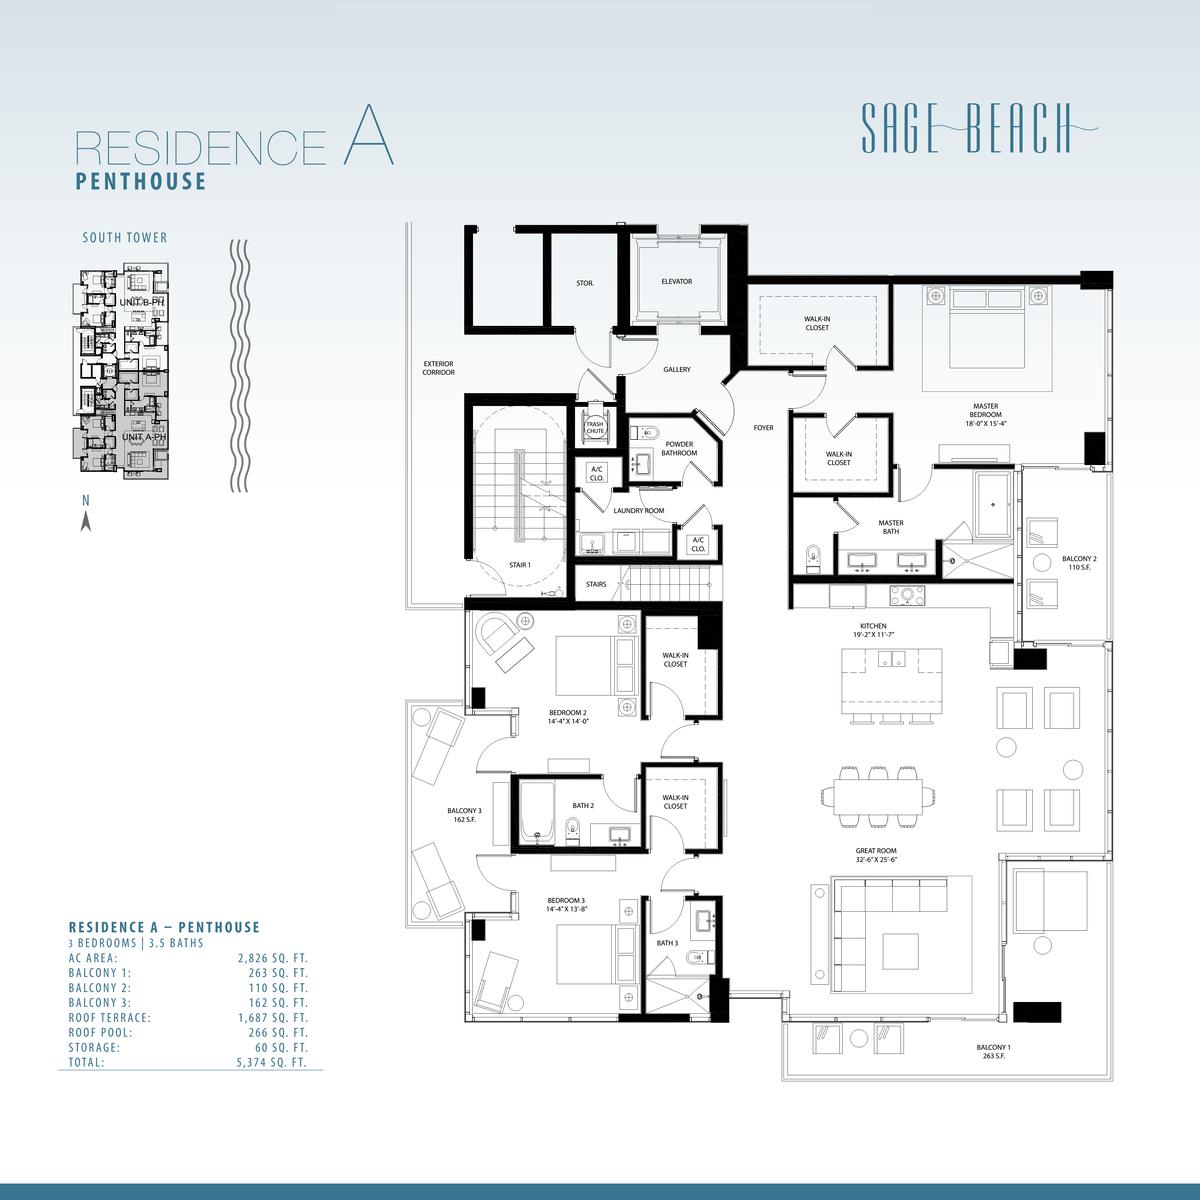 Sage Beach - Floorplan 1